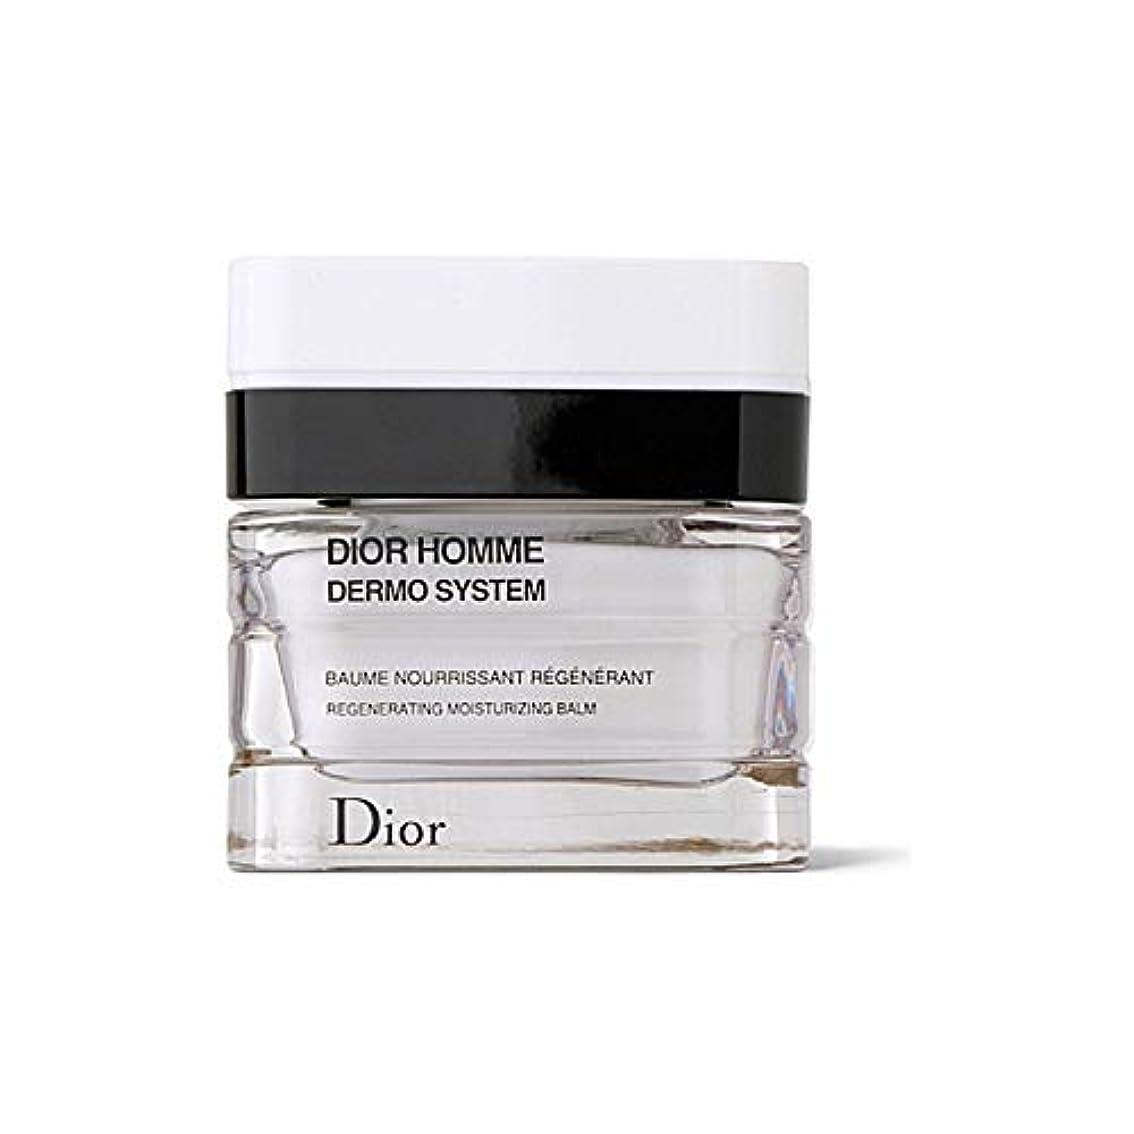 燃やす微生物マニフェスト[Dior ] 保湿クリームを再生ディオール、真皮システム - Dior Dermo System Regenerating Moisturising Balm [並行輸入品]